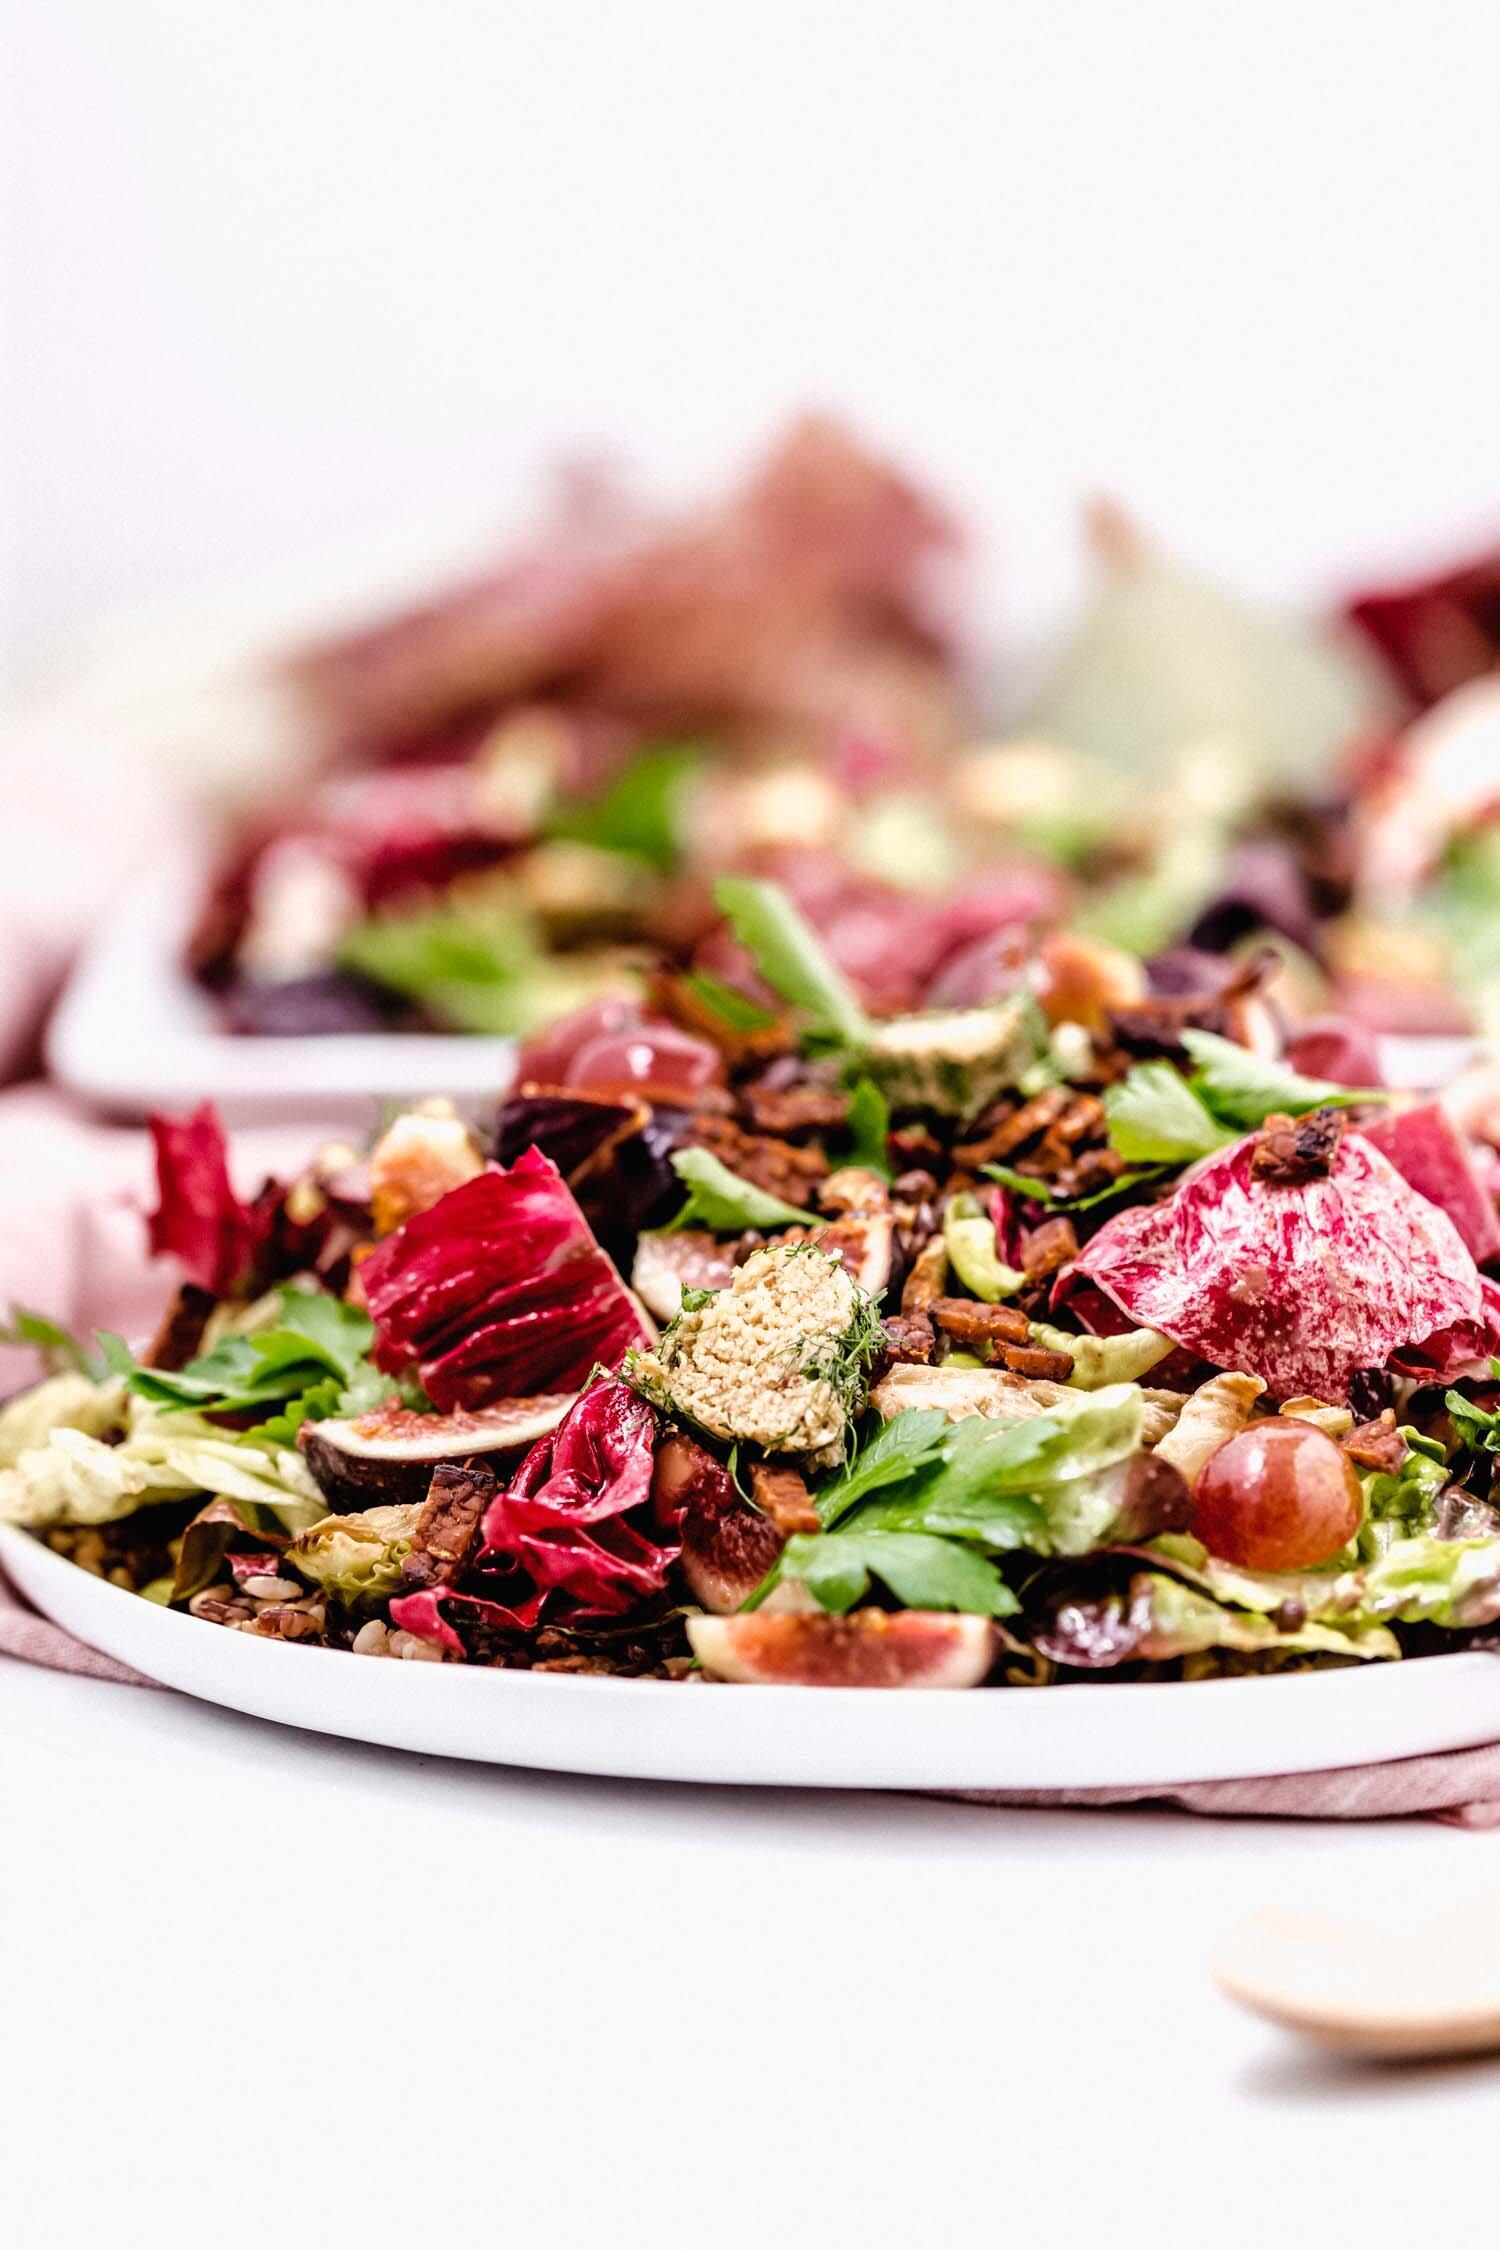 Radicchio Harvest Salad with Pecan Dressing  (vegan, gf)